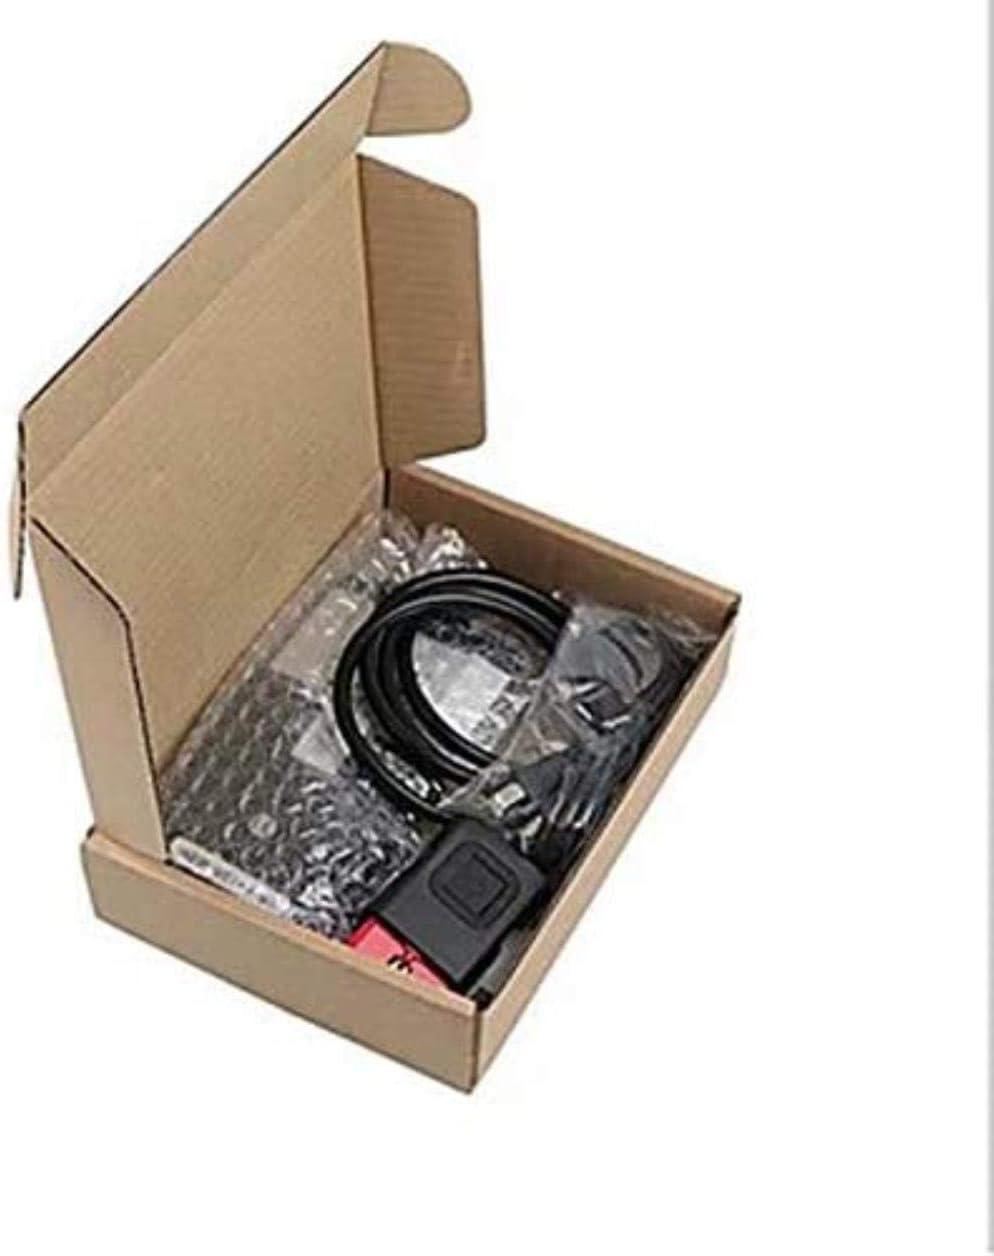 SKNB Ds150 Ds150E Tcs Vci Mit Zwei Platine Professionelle Diagnosewerkzeug OBD-Ii 16Pin F/ür Benzin Und Diesel Fahrzeuge Cdp Pro Autos LKW Diagnosescanner Mit Bluetooth